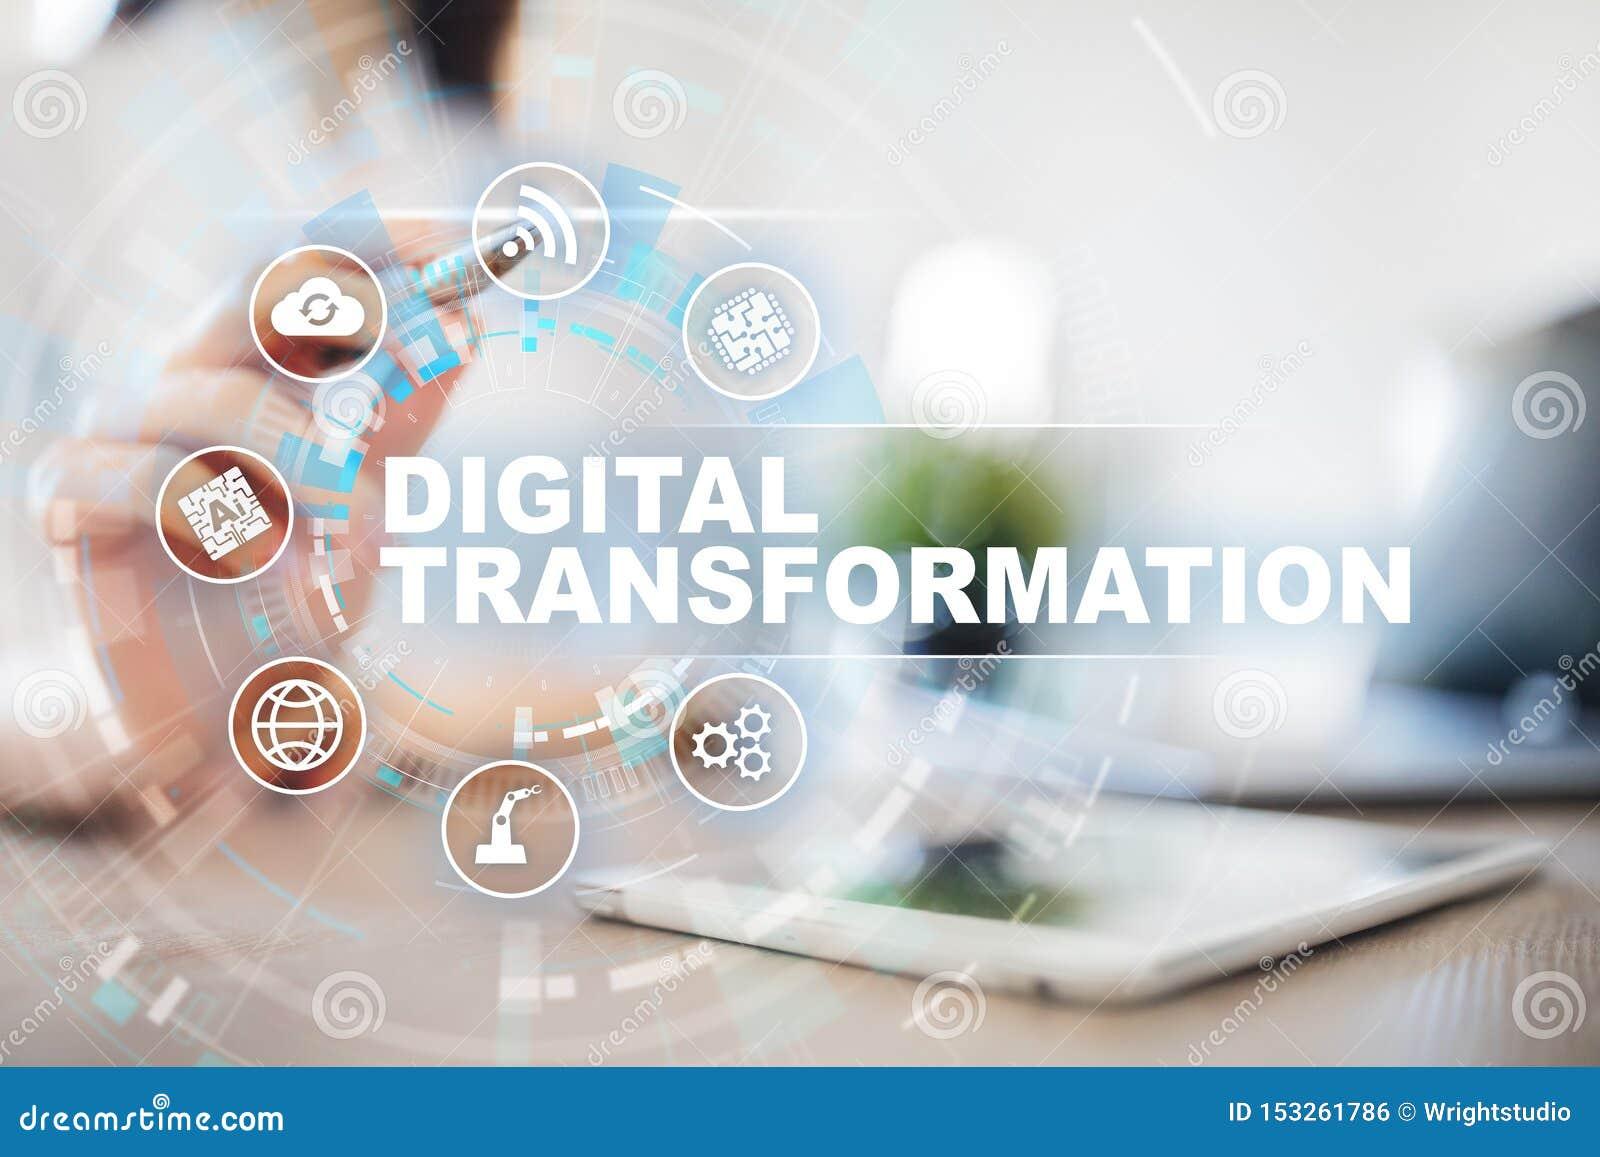 Digitale transformatie, Concept digitalisering van bedrijfsprocessen en moderne technologie